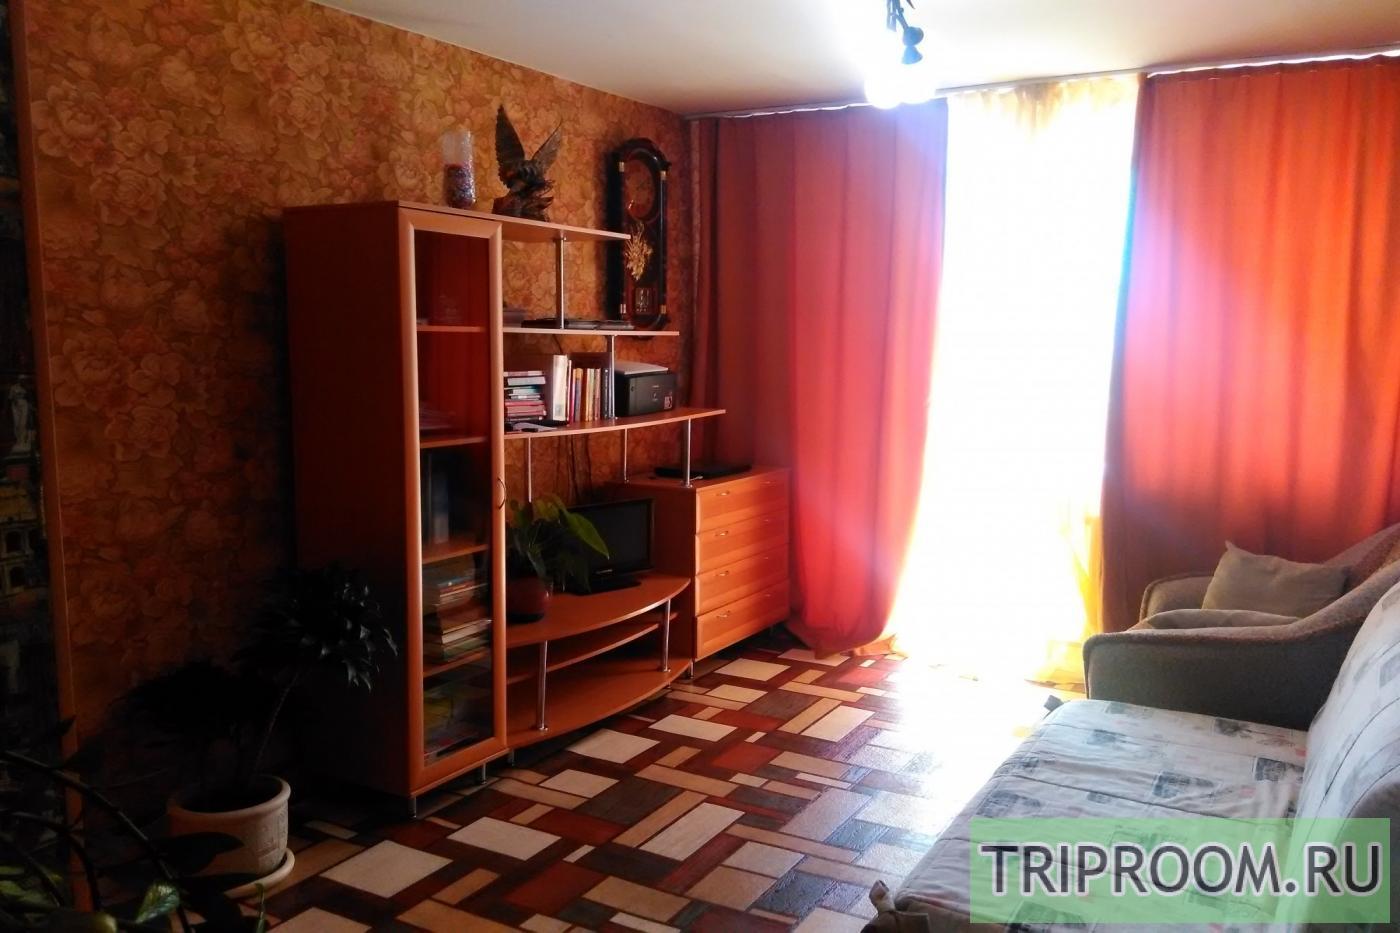 1-комнатная квартира посуточно (вариант № 22601), ул. Гладкова улица, фото № 2